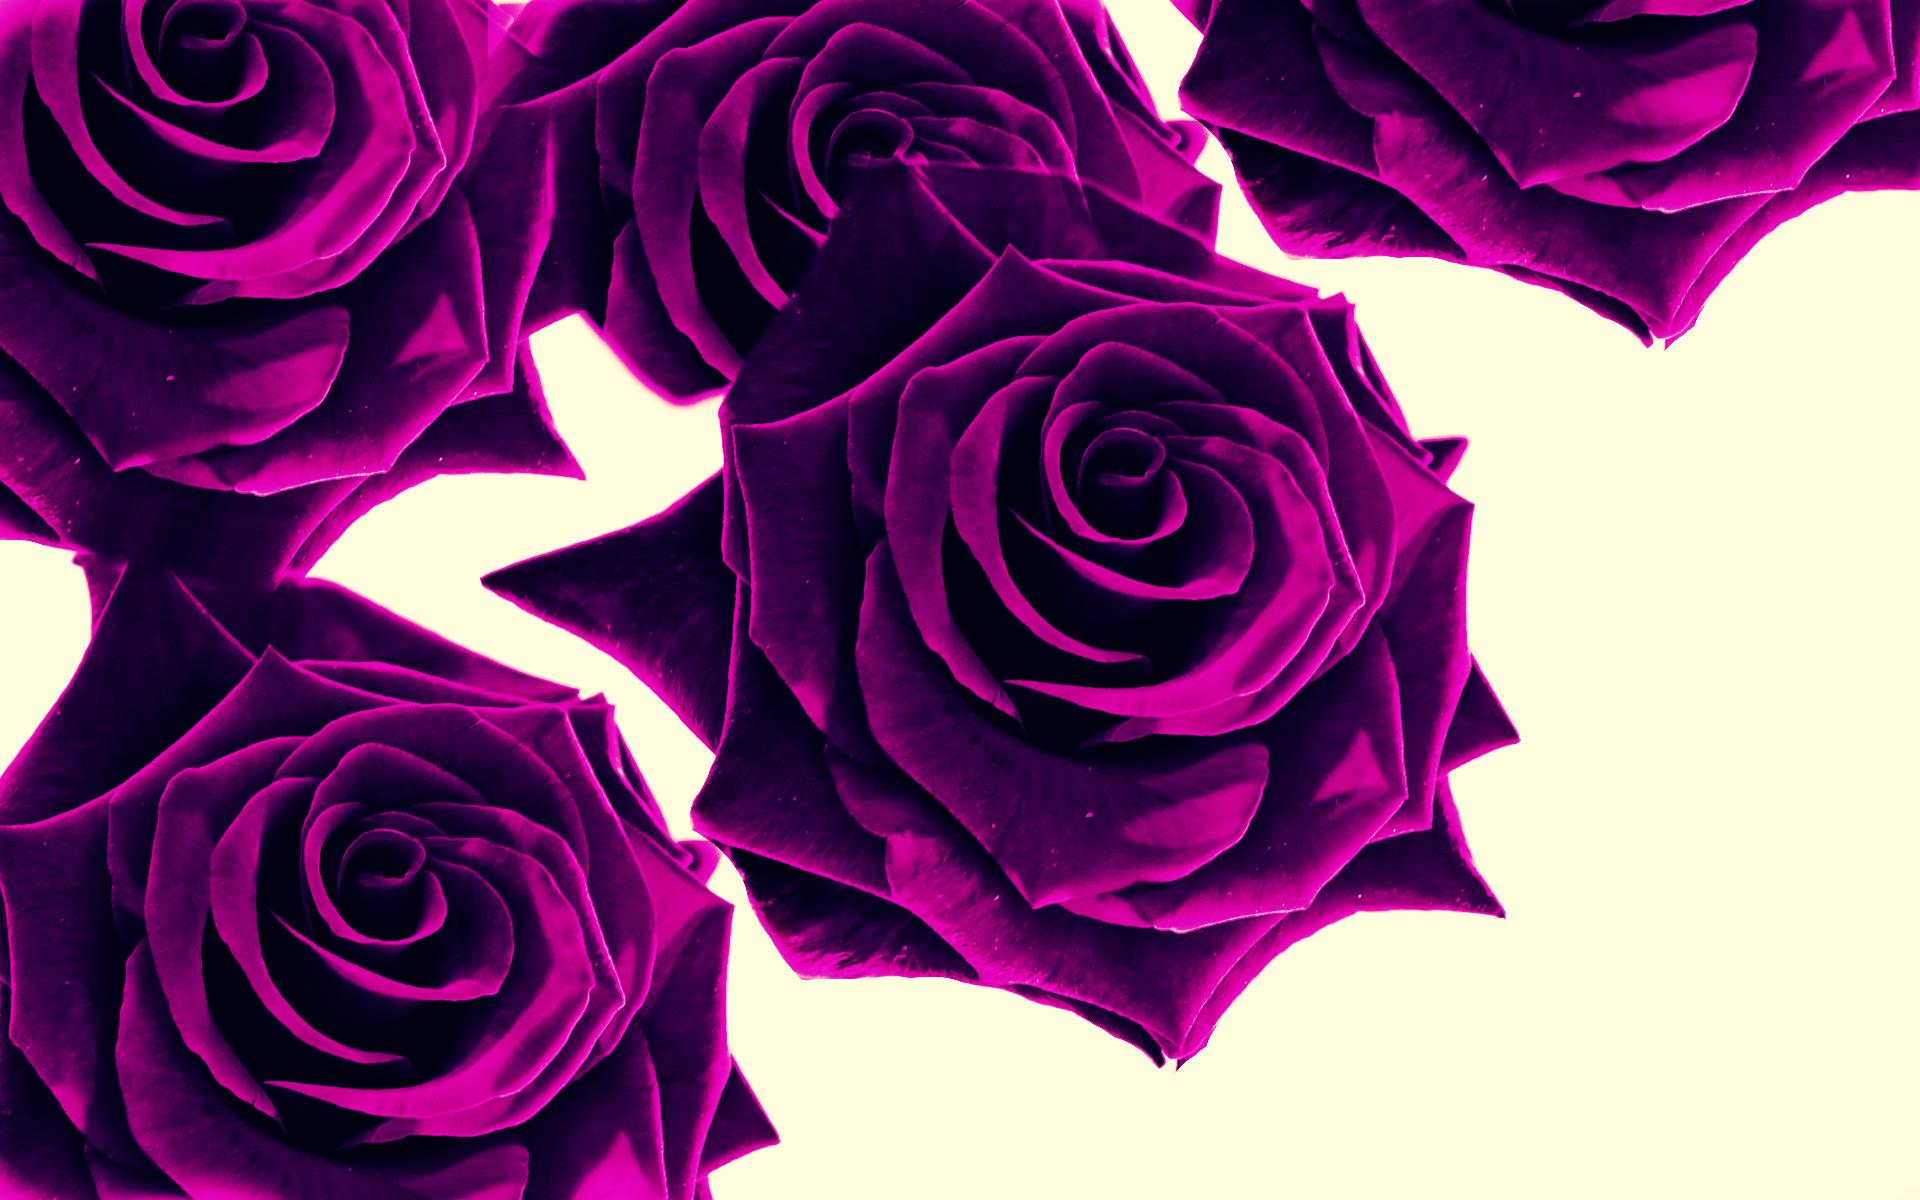 purple rose pictures wallpapers  wallpapersafari, Beautiful flower